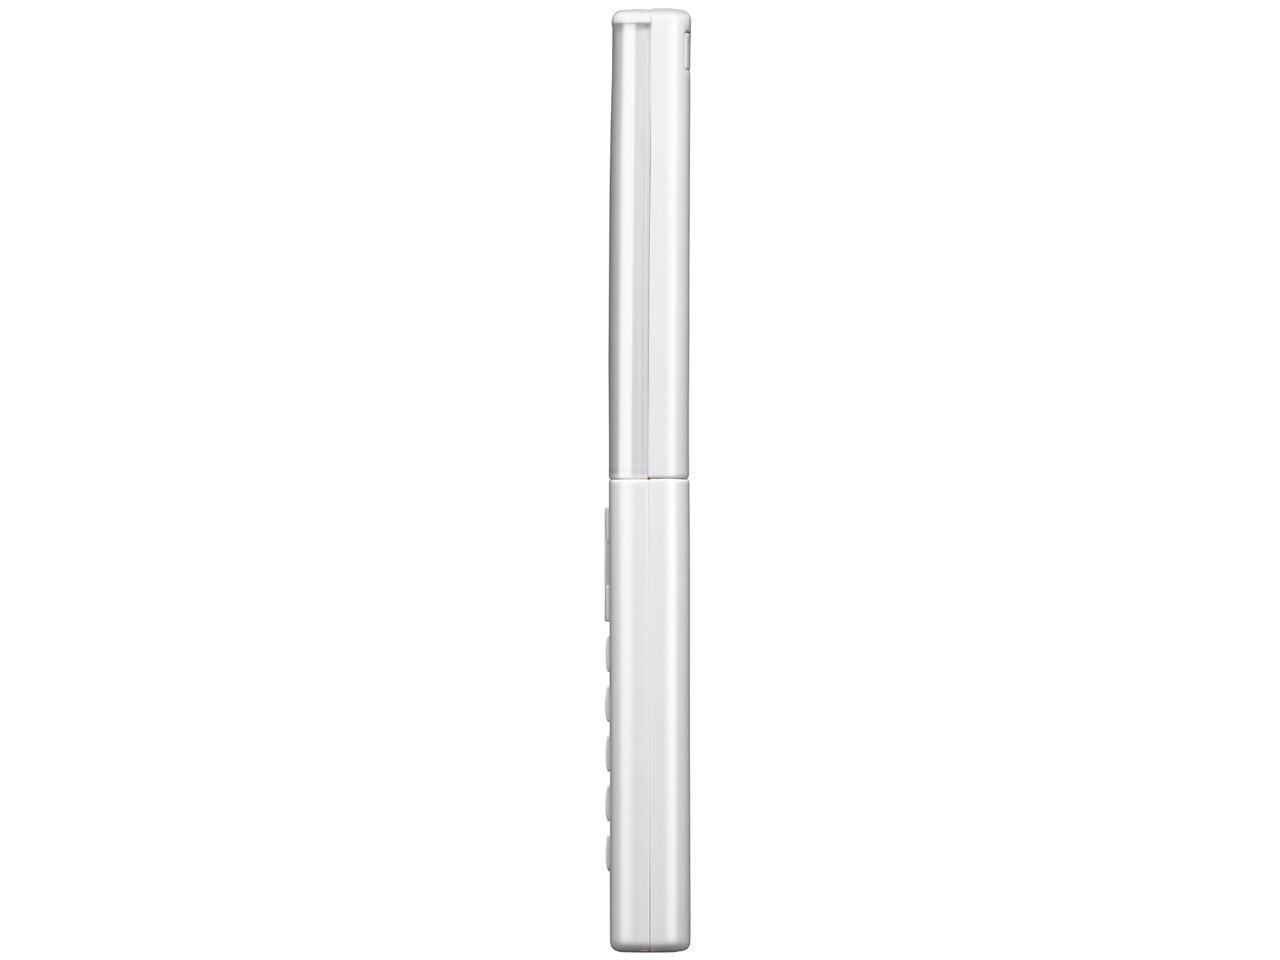 『本体 右側面』 HONEY BEE 5 WX07K [ホワイト&ホワイト] の製品画像